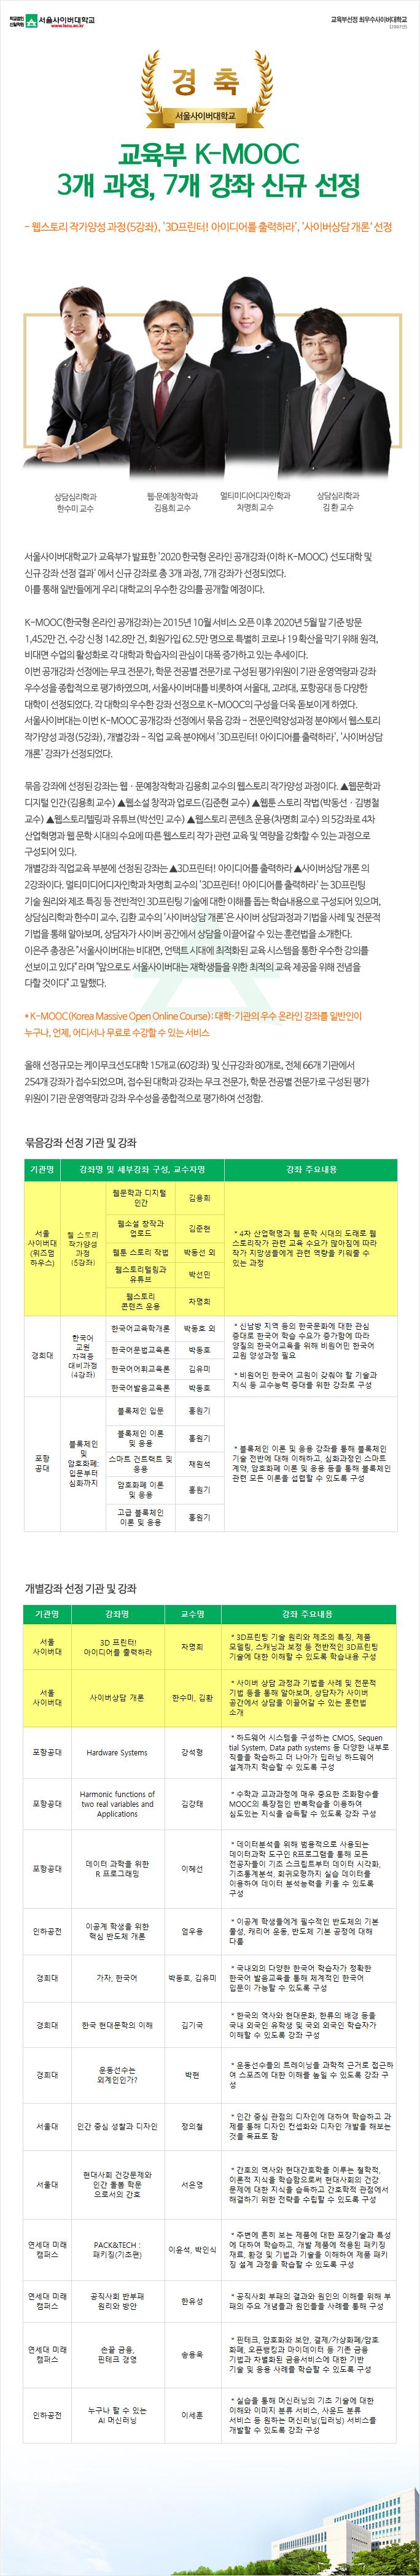 교육부 K-MOOC 공개강좌 3개 과정, 5개 강좌 신규 선정